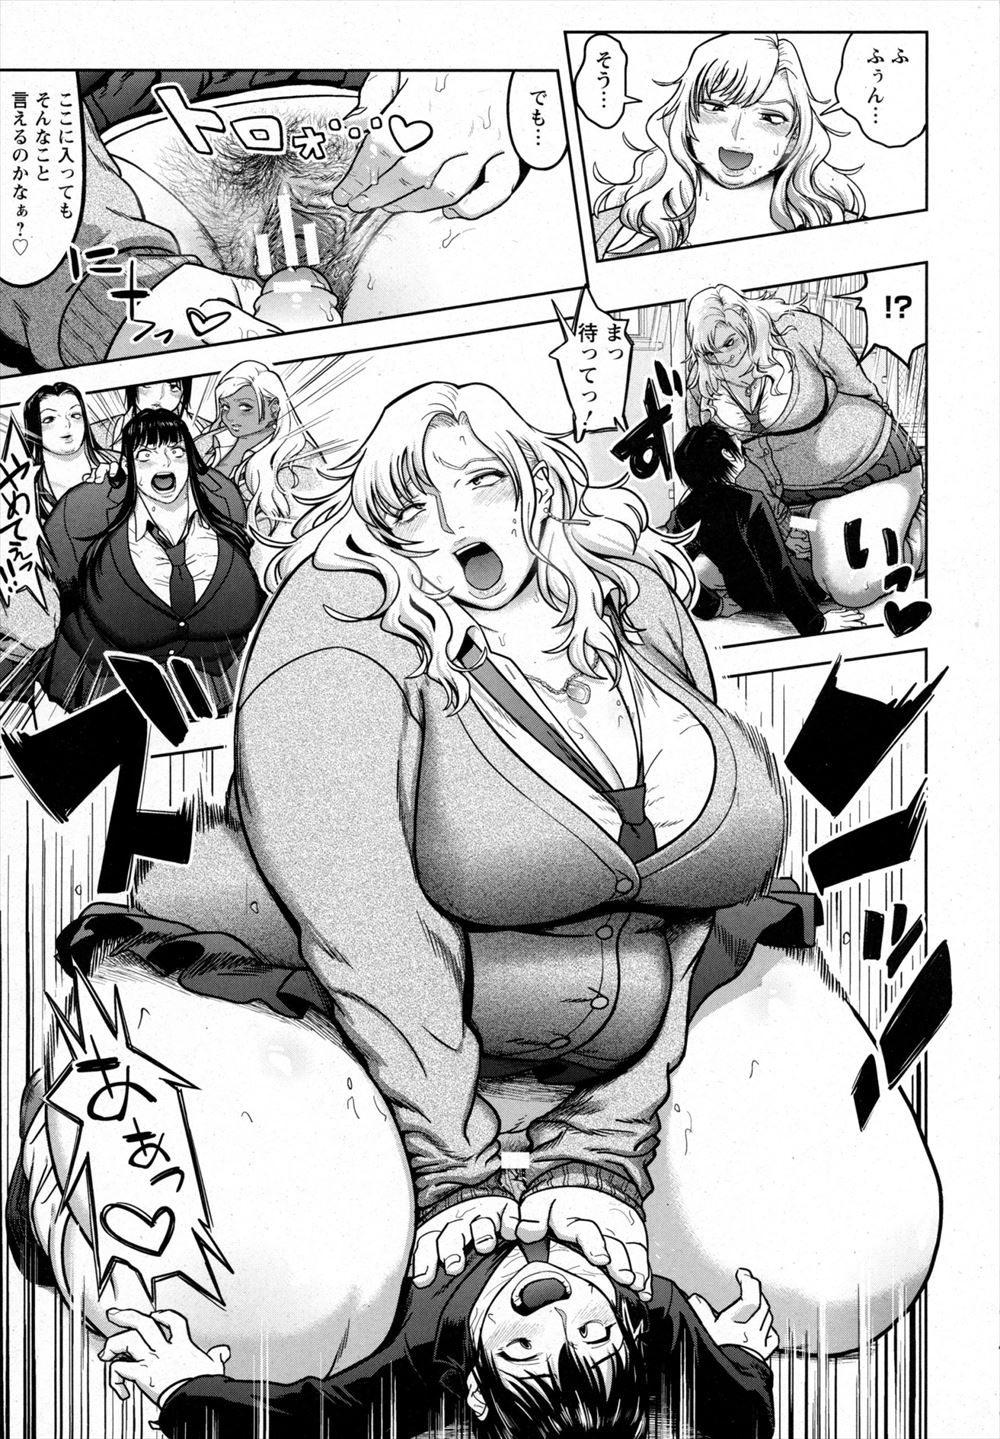 超おデブな女子校生達が男子を逆レイプでNTR青姦セックスしてるデブ専エロ漫画はこちらですwwwwwwwww 011